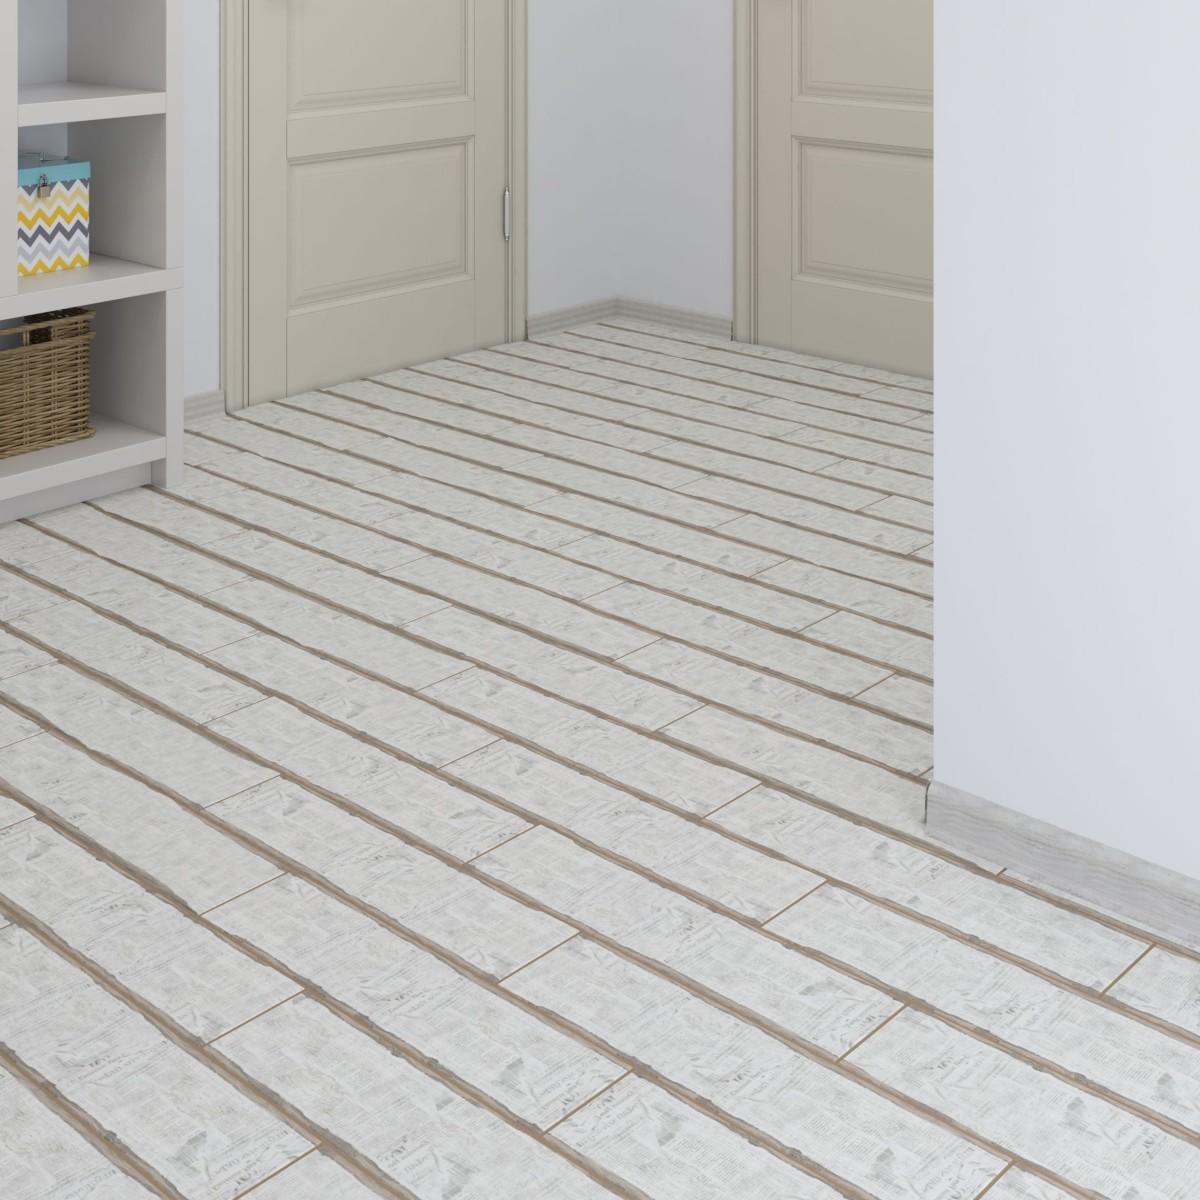 Ламинат Рио-гранде 33 класс толщина 8 мм с фаской 2.131 м²